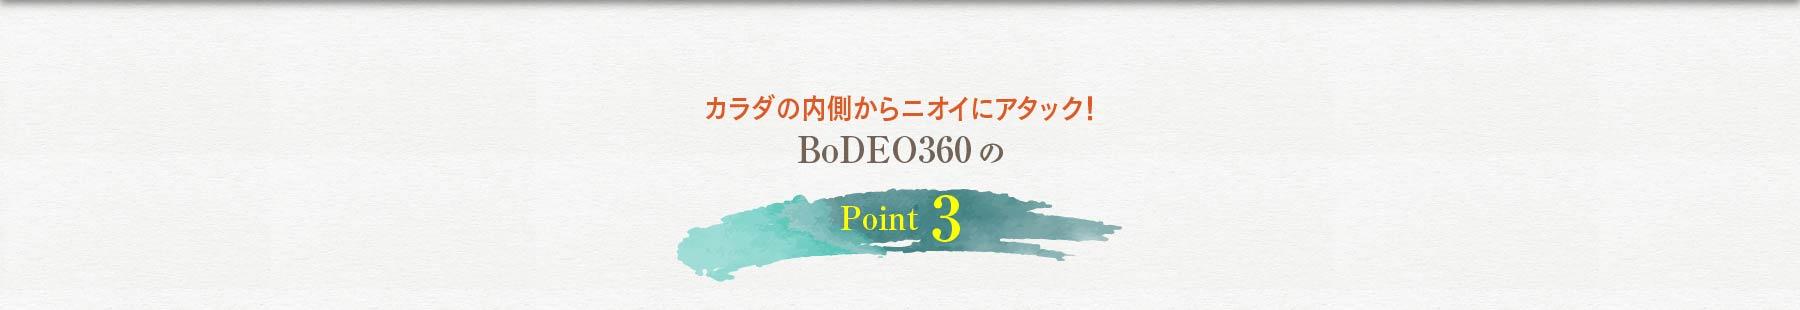 BoDEOのPOINT3